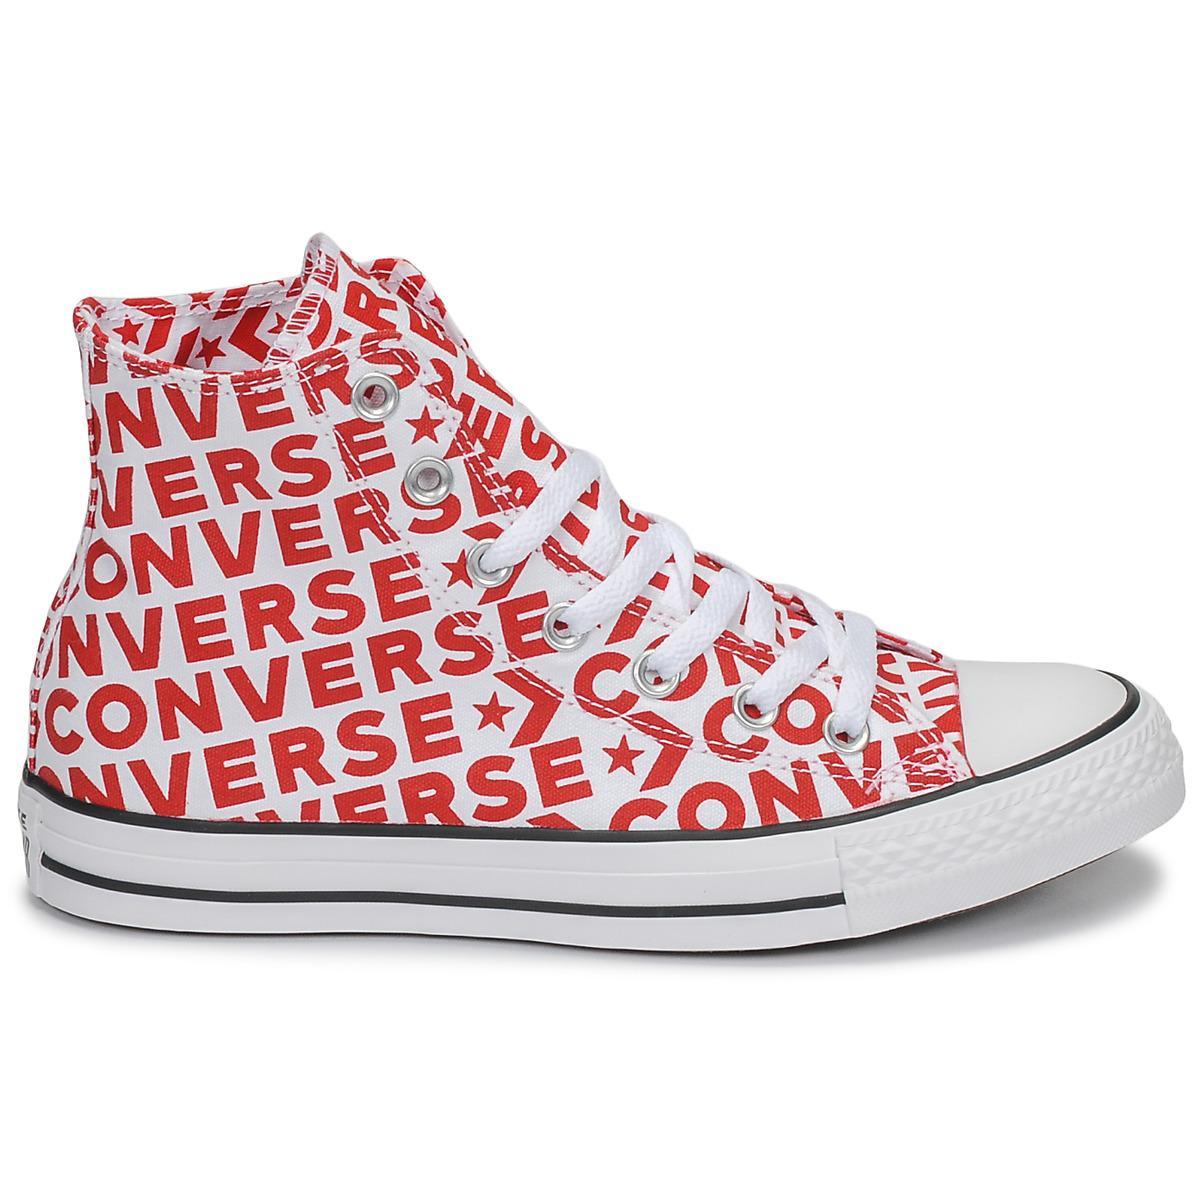 ba1a4b756ca5e2 Converse - Chuck Taylor All Star Wordmark Hi Men s Shoes (high-top Trainers).  View fullscreen